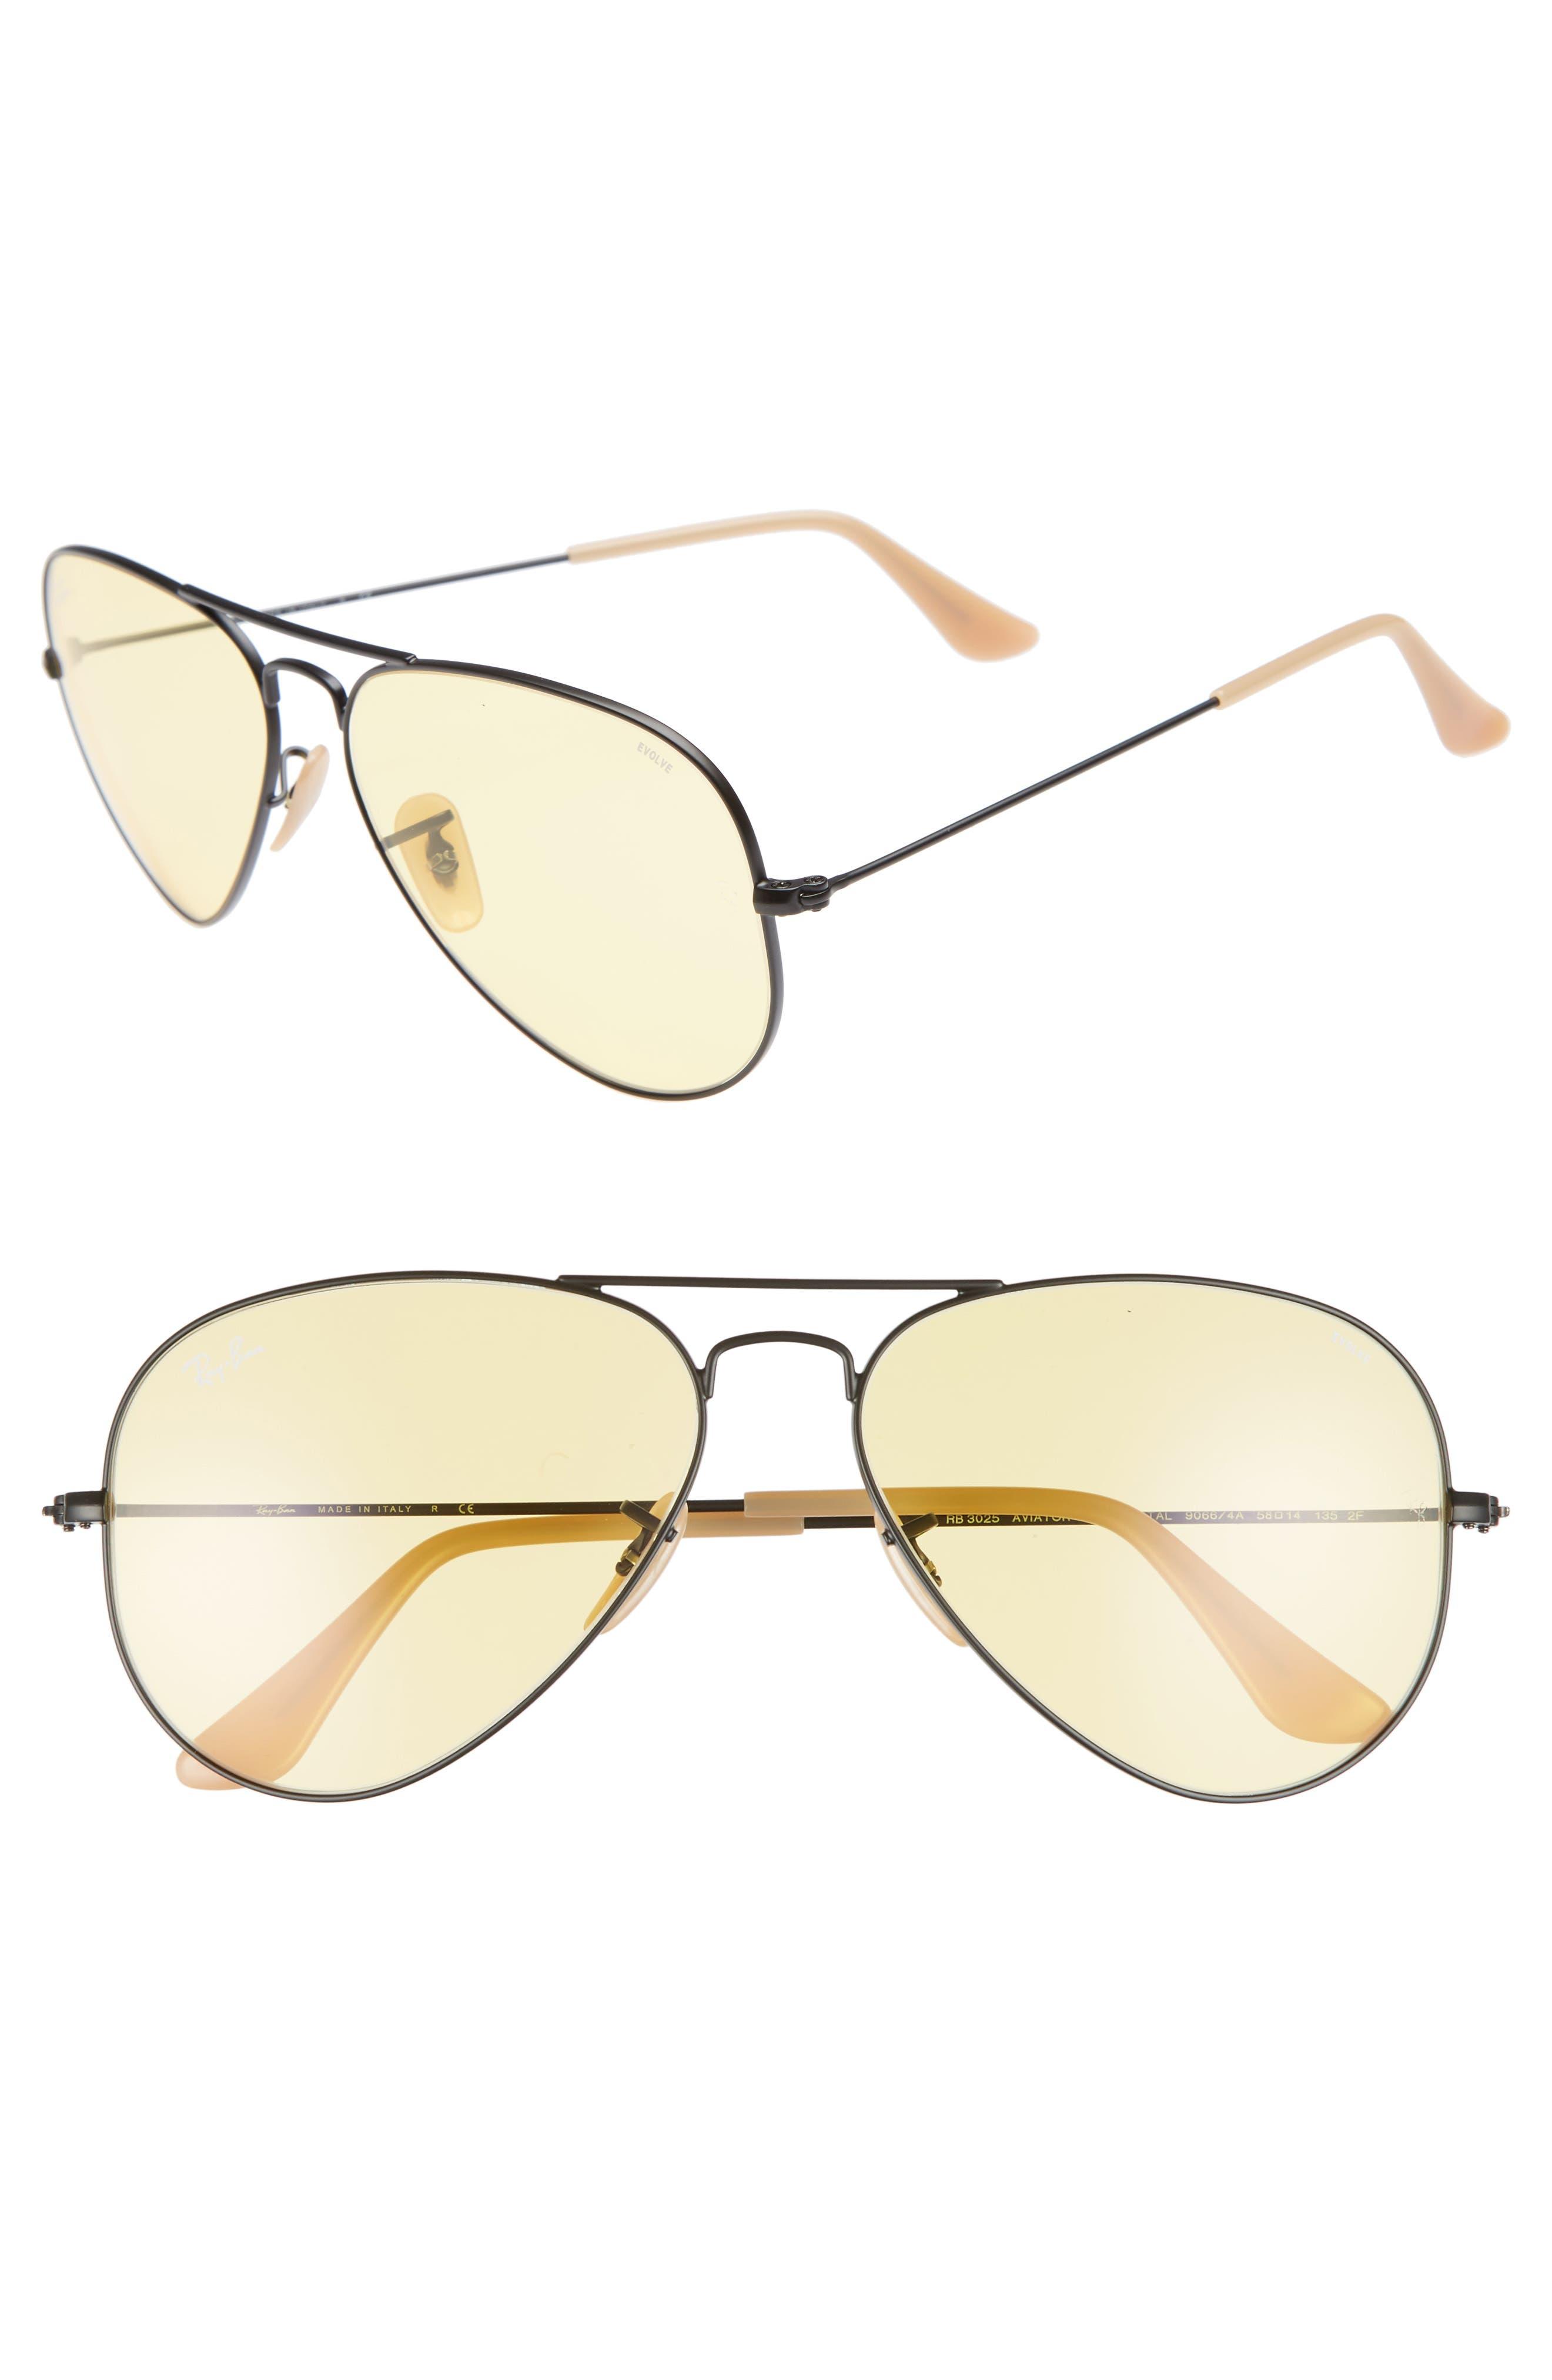 Evolve 58mm Polarized Aviator Sunglasses,                             Main thumbnail 1, color,                             Black